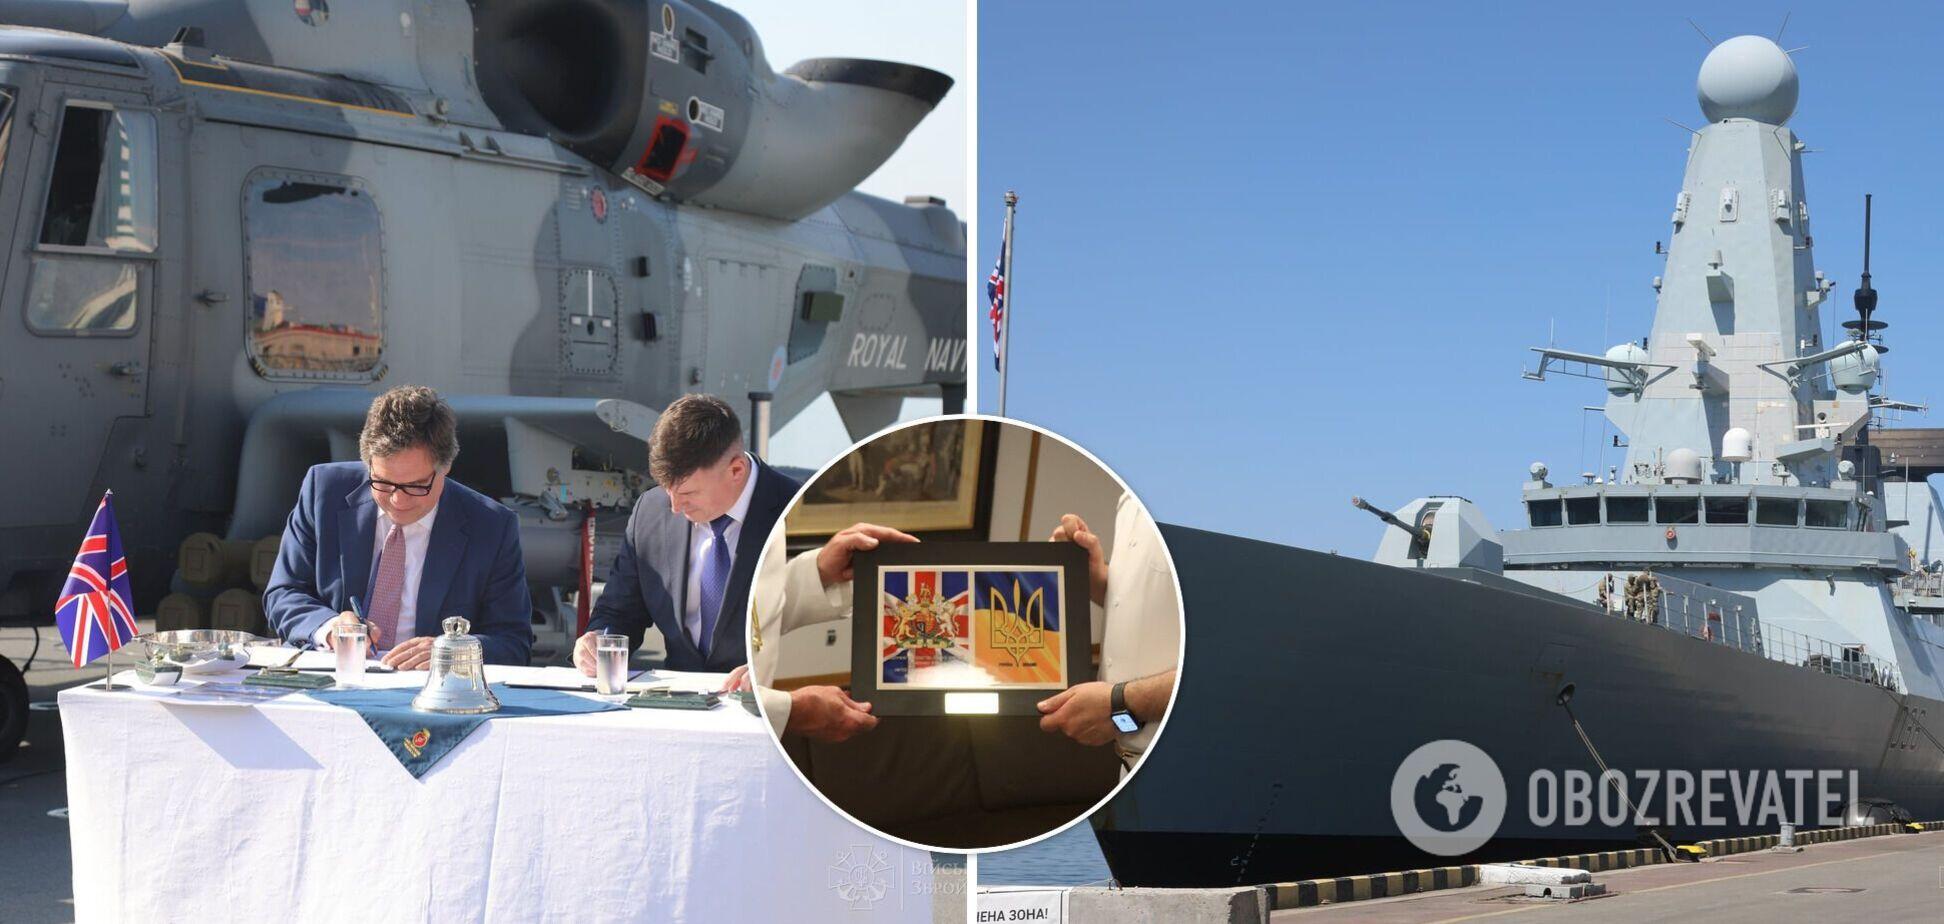 Україна отримає два бойові кораблі з Королівського флоту. Подробиці укладеного меморандуму